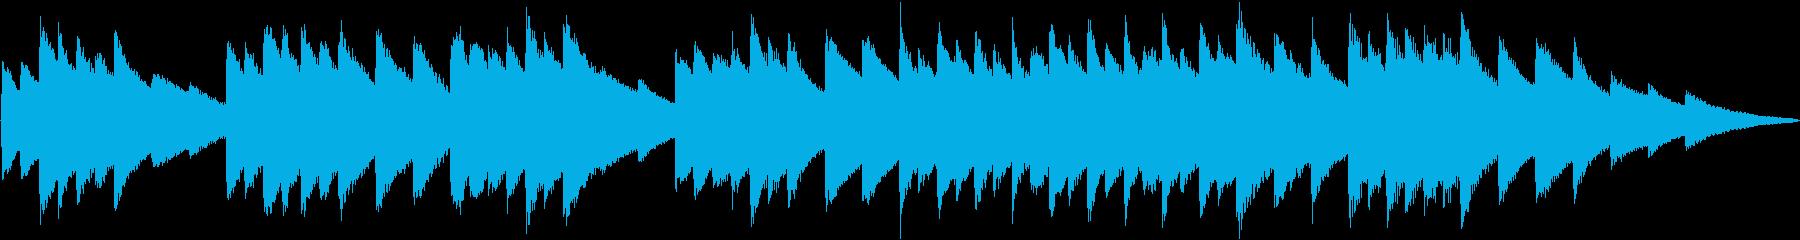 オルゴール曲で、中毒性のある曲です。の再生済みの波形